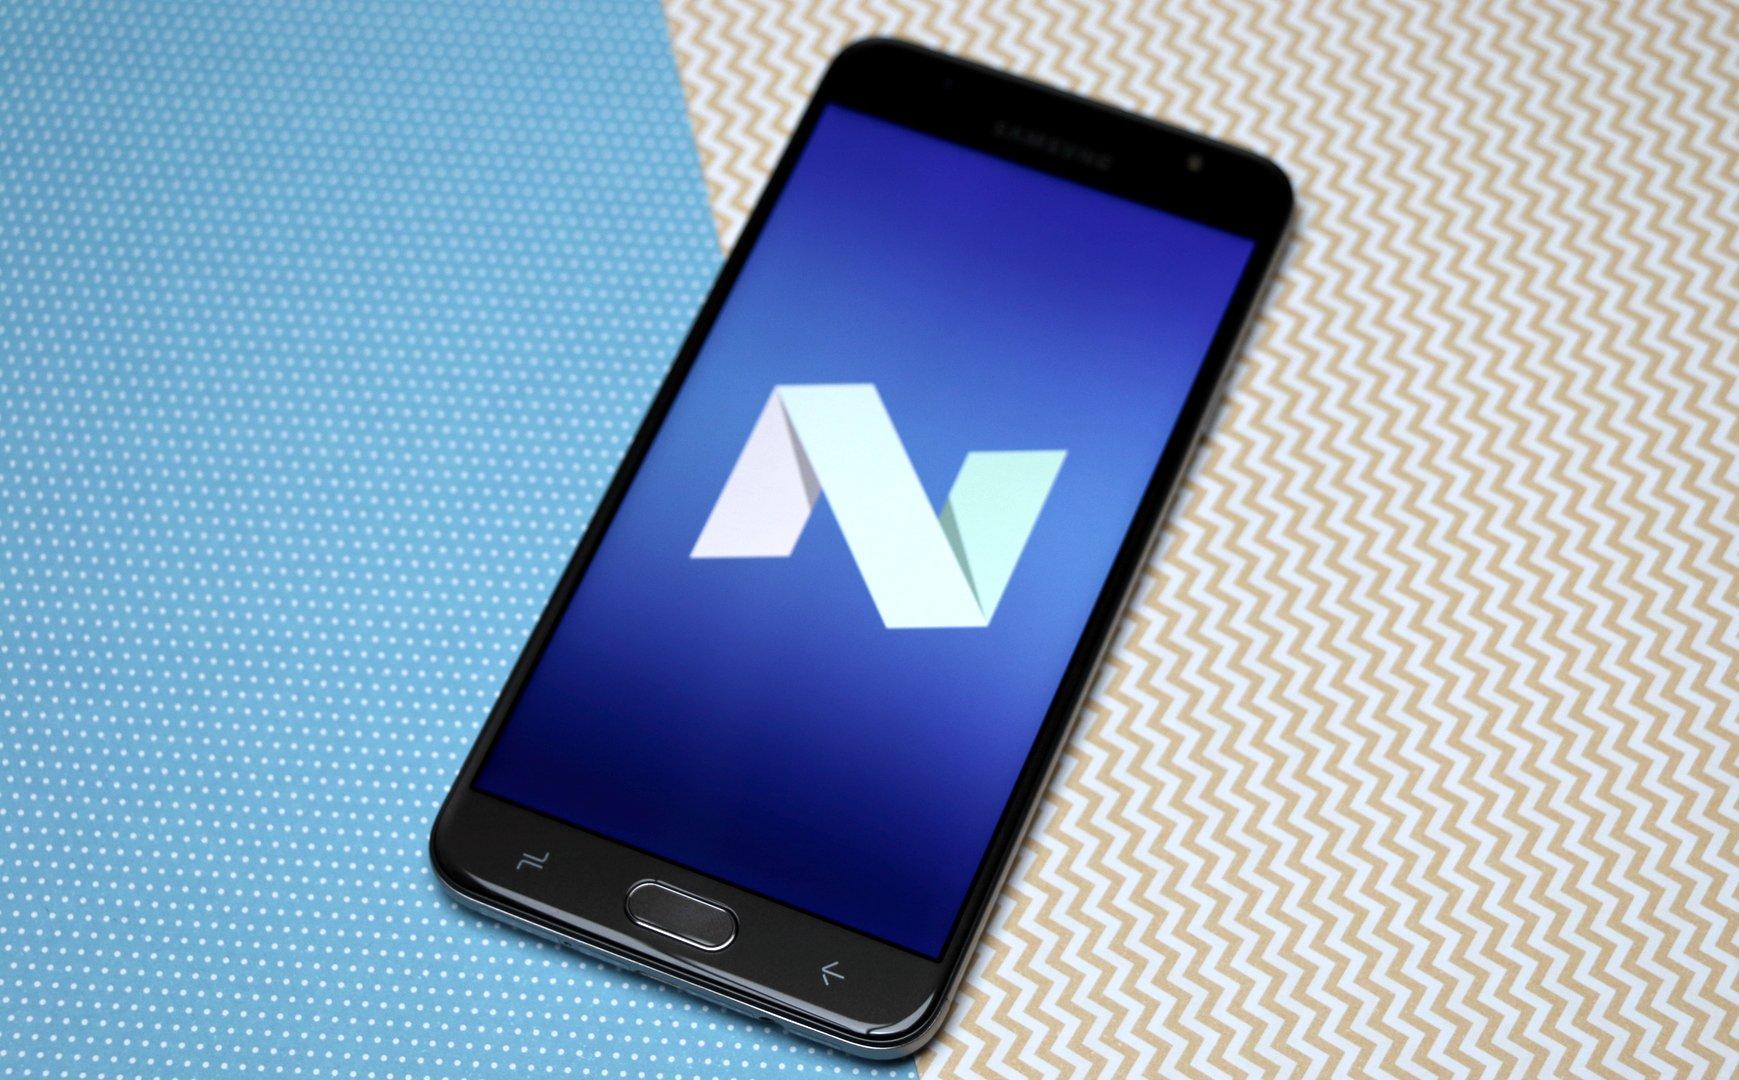 Review do Samsung Galaxy J7 Prime2: pouca evolução de um